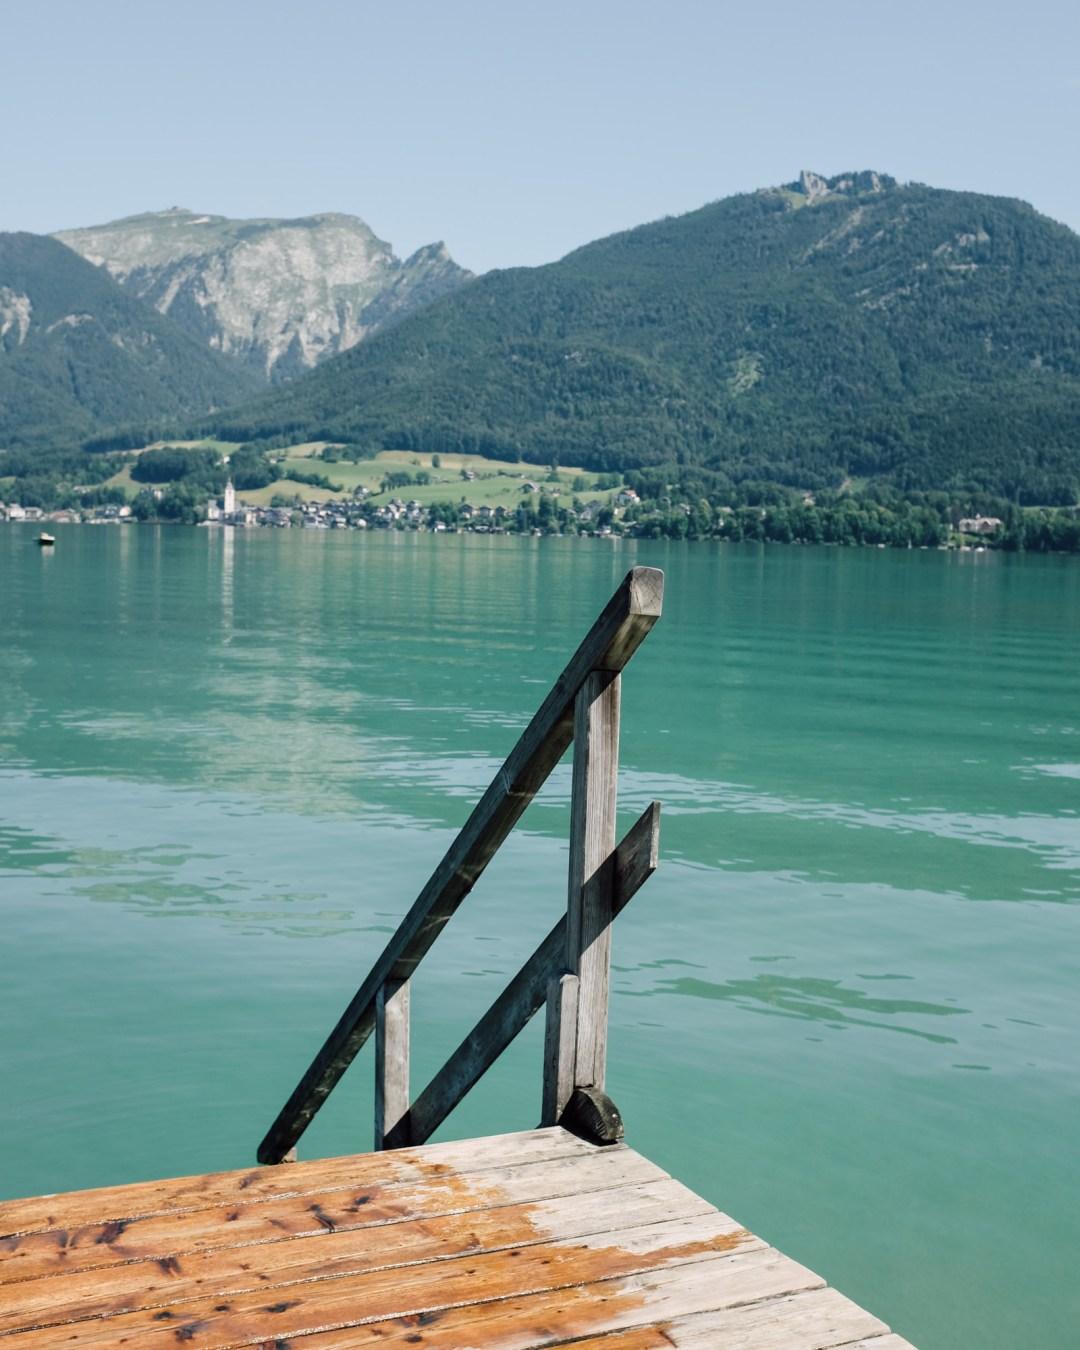 Inastil, Wolfgangsee, Swimmingpool, Baden, Schwimmen, Sommer, Österreich, Nuxe, Ü50, Garten, Ü50Blogger, Stilberatung,_-5